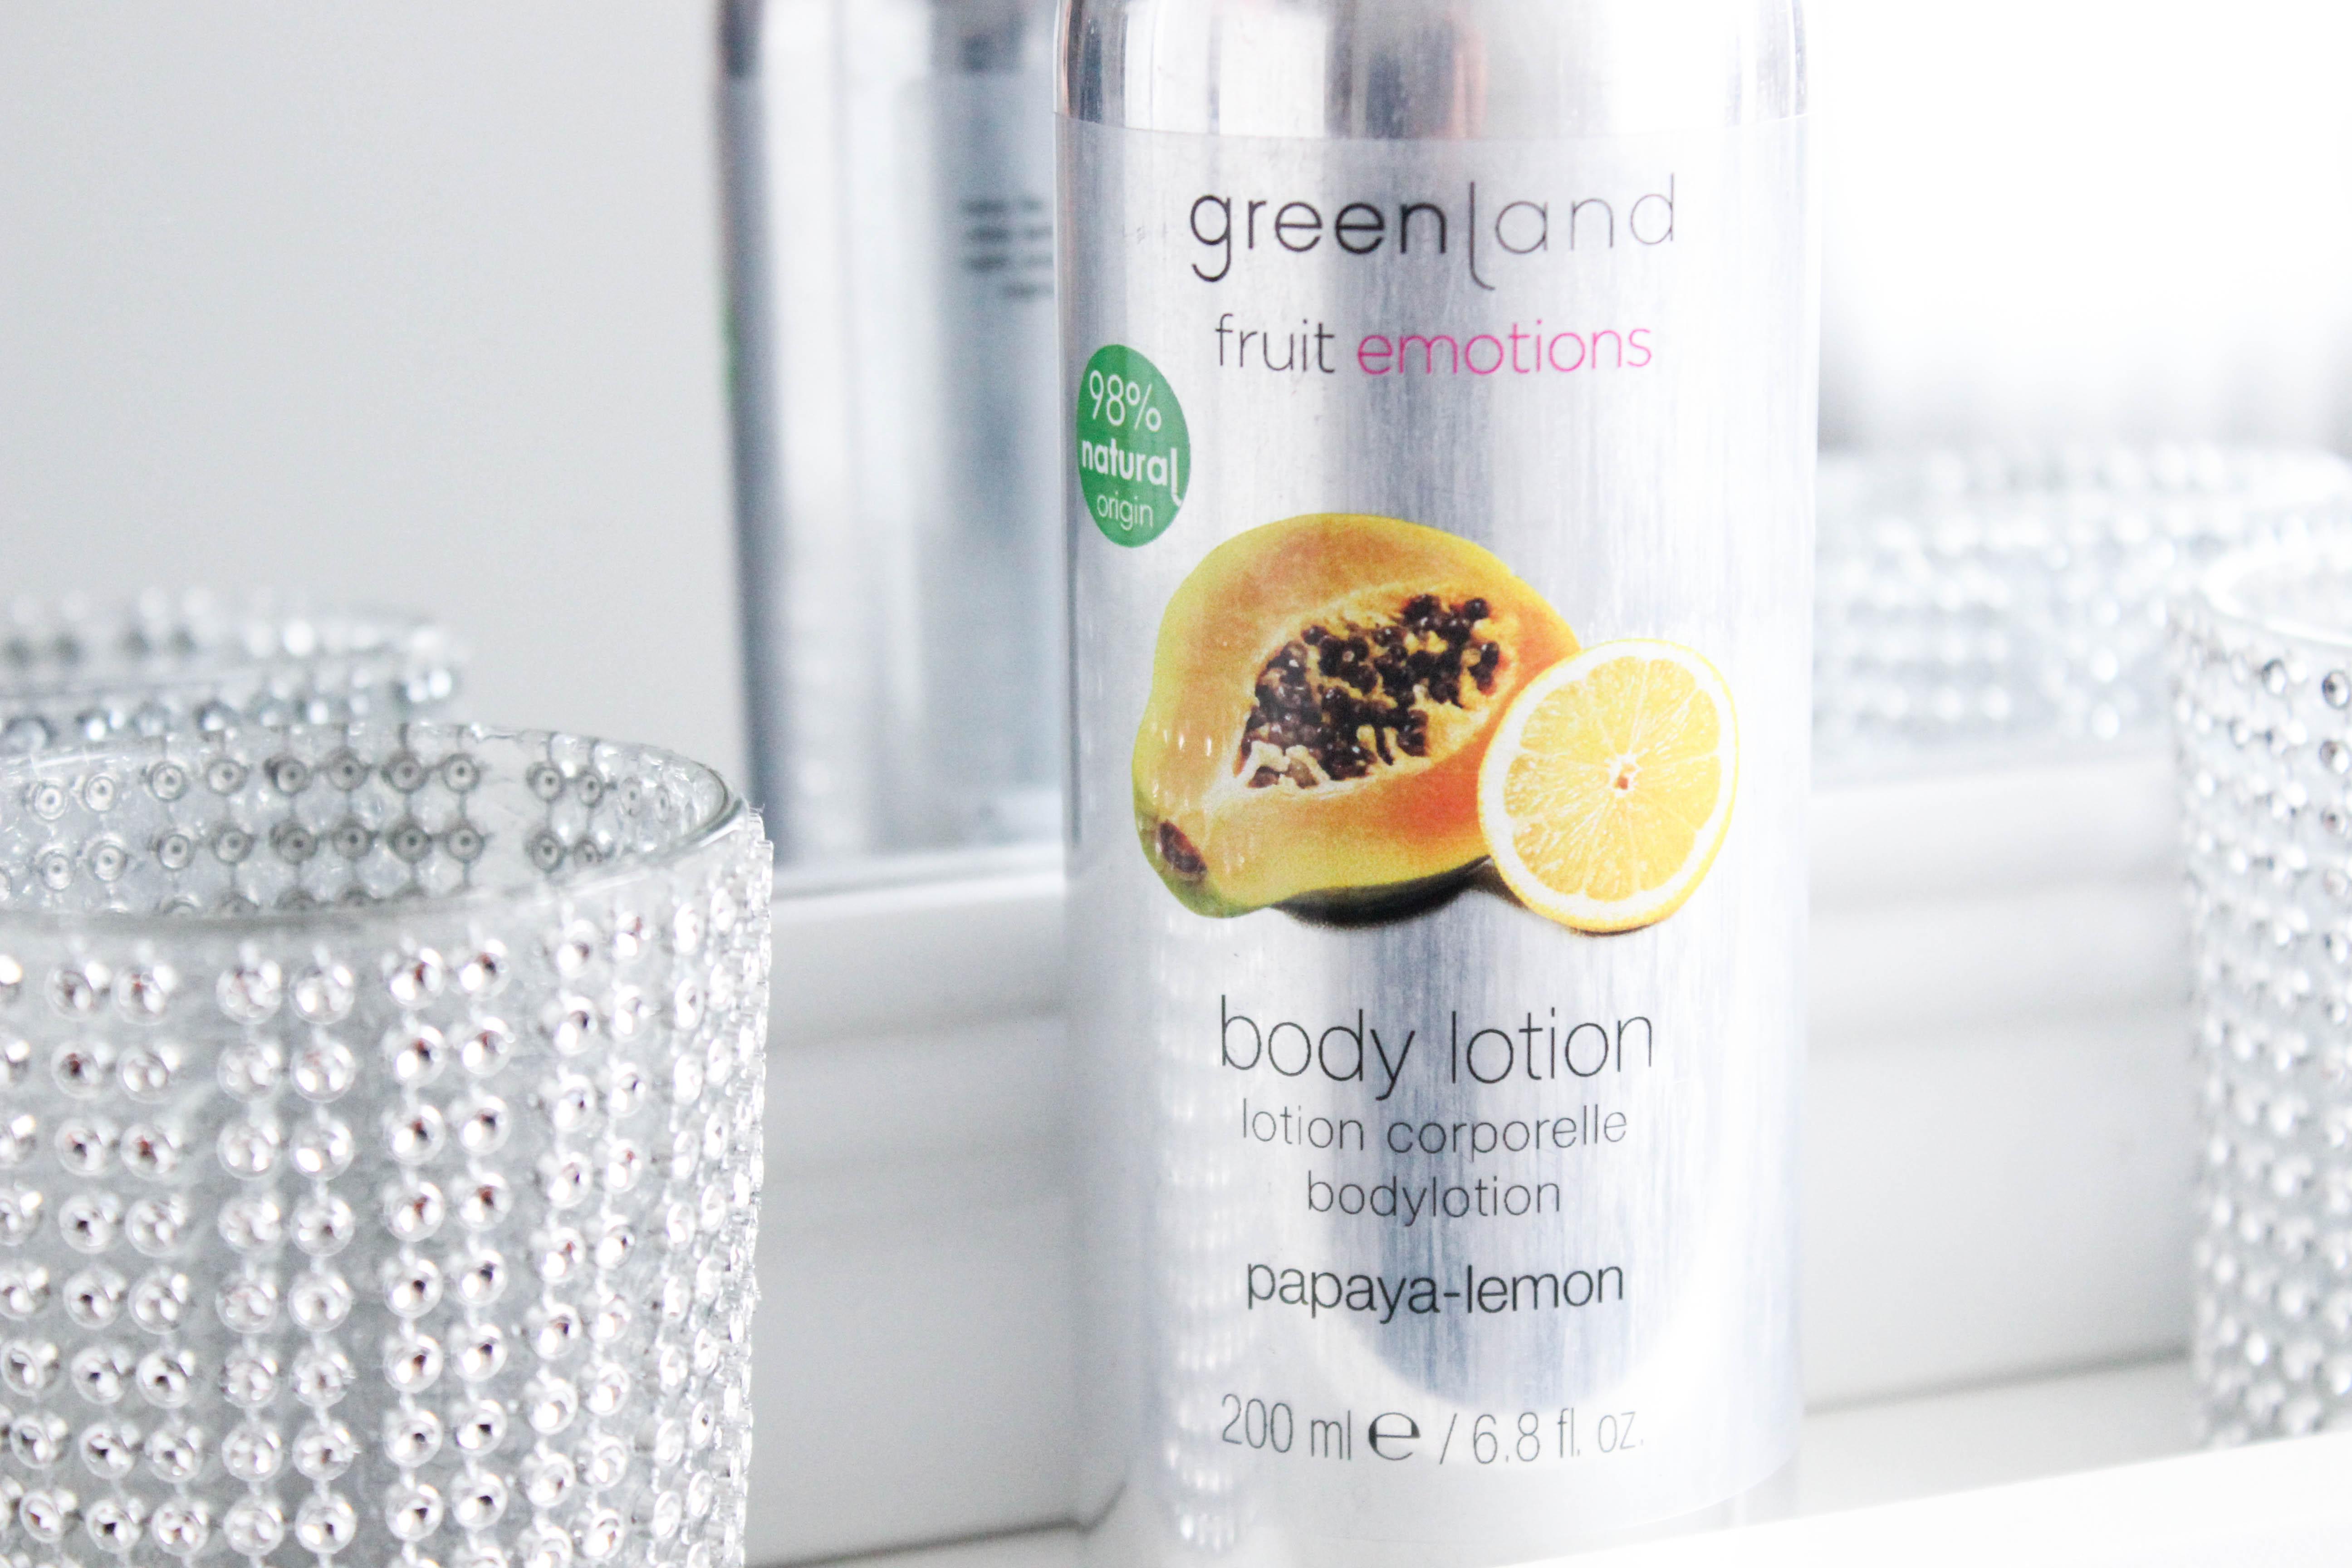 greenland-papaya-limon